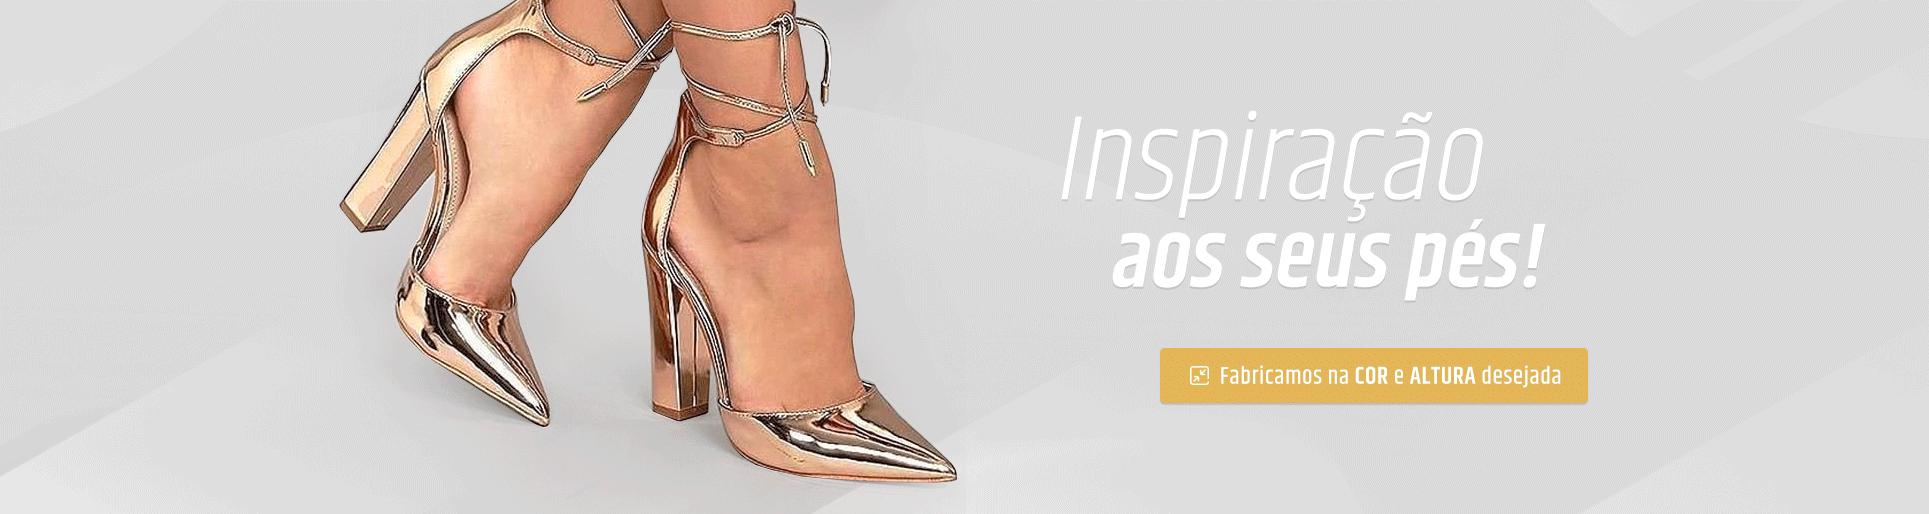 Inspiração aos seus pés!